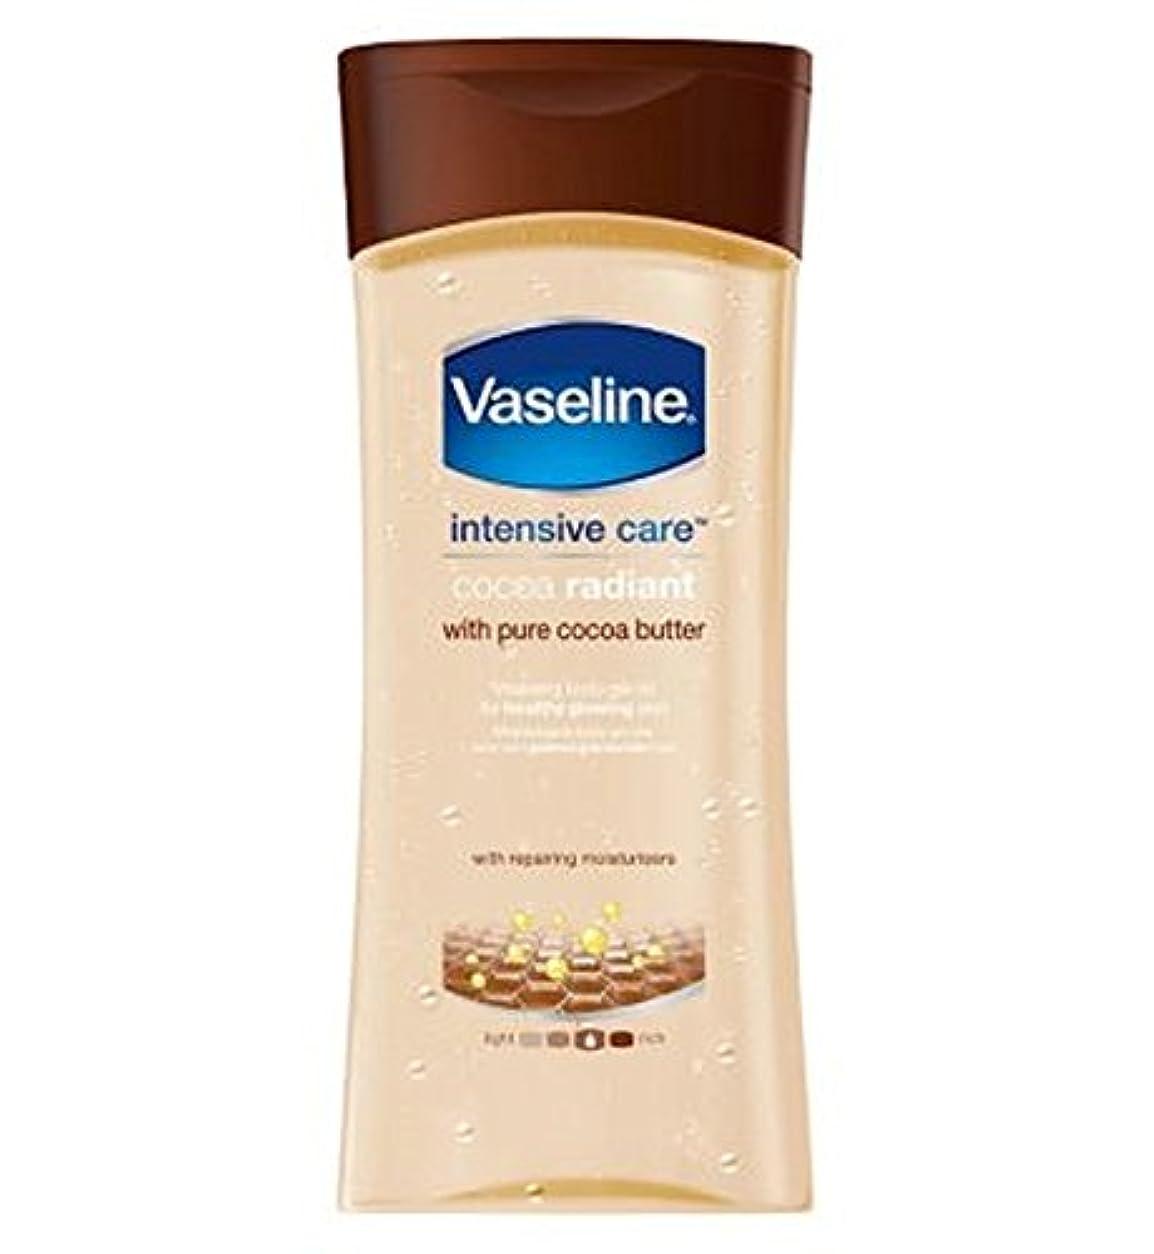 刺繍文法権威Vaseline Intensive Care Cocoa Gel Oil 200ml - ワセリン集中治療ココアゲルオイル200ミリリットル (Vaseline) [並行輸入品]